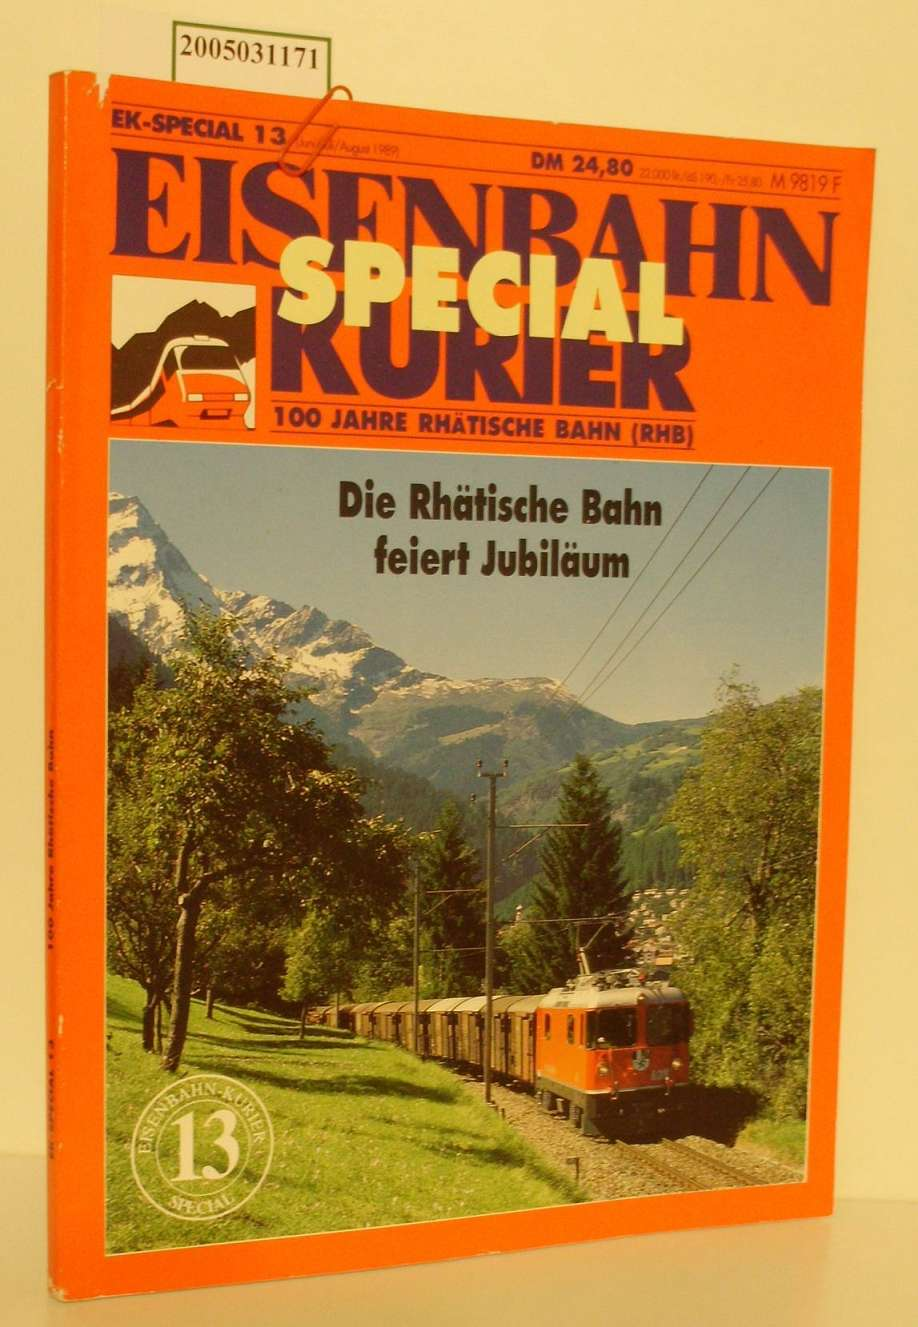 Die  Rhätische Bahn feiert Jubiläum, Eisenbahn Kurier6, 7, 8 /1989 100 Jahre Rhätische Bahn (RHB)